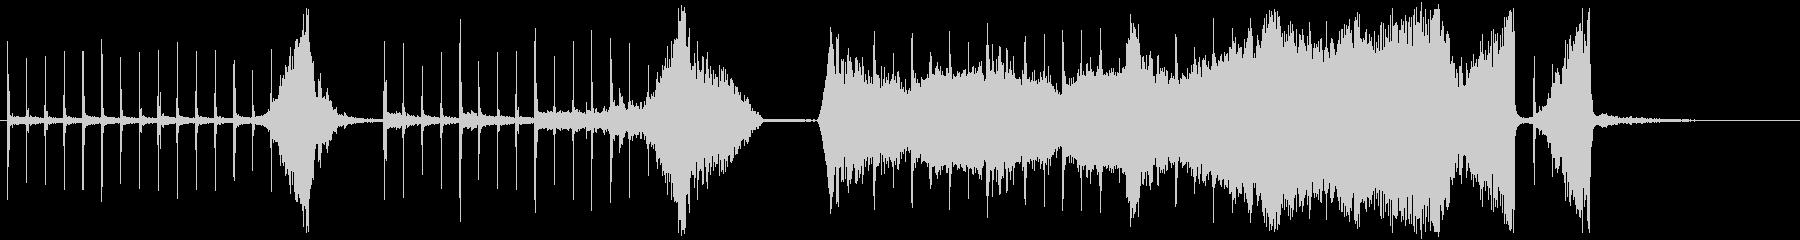 クリック音の緊張感・ホラーサスペンス風の未再生の波形